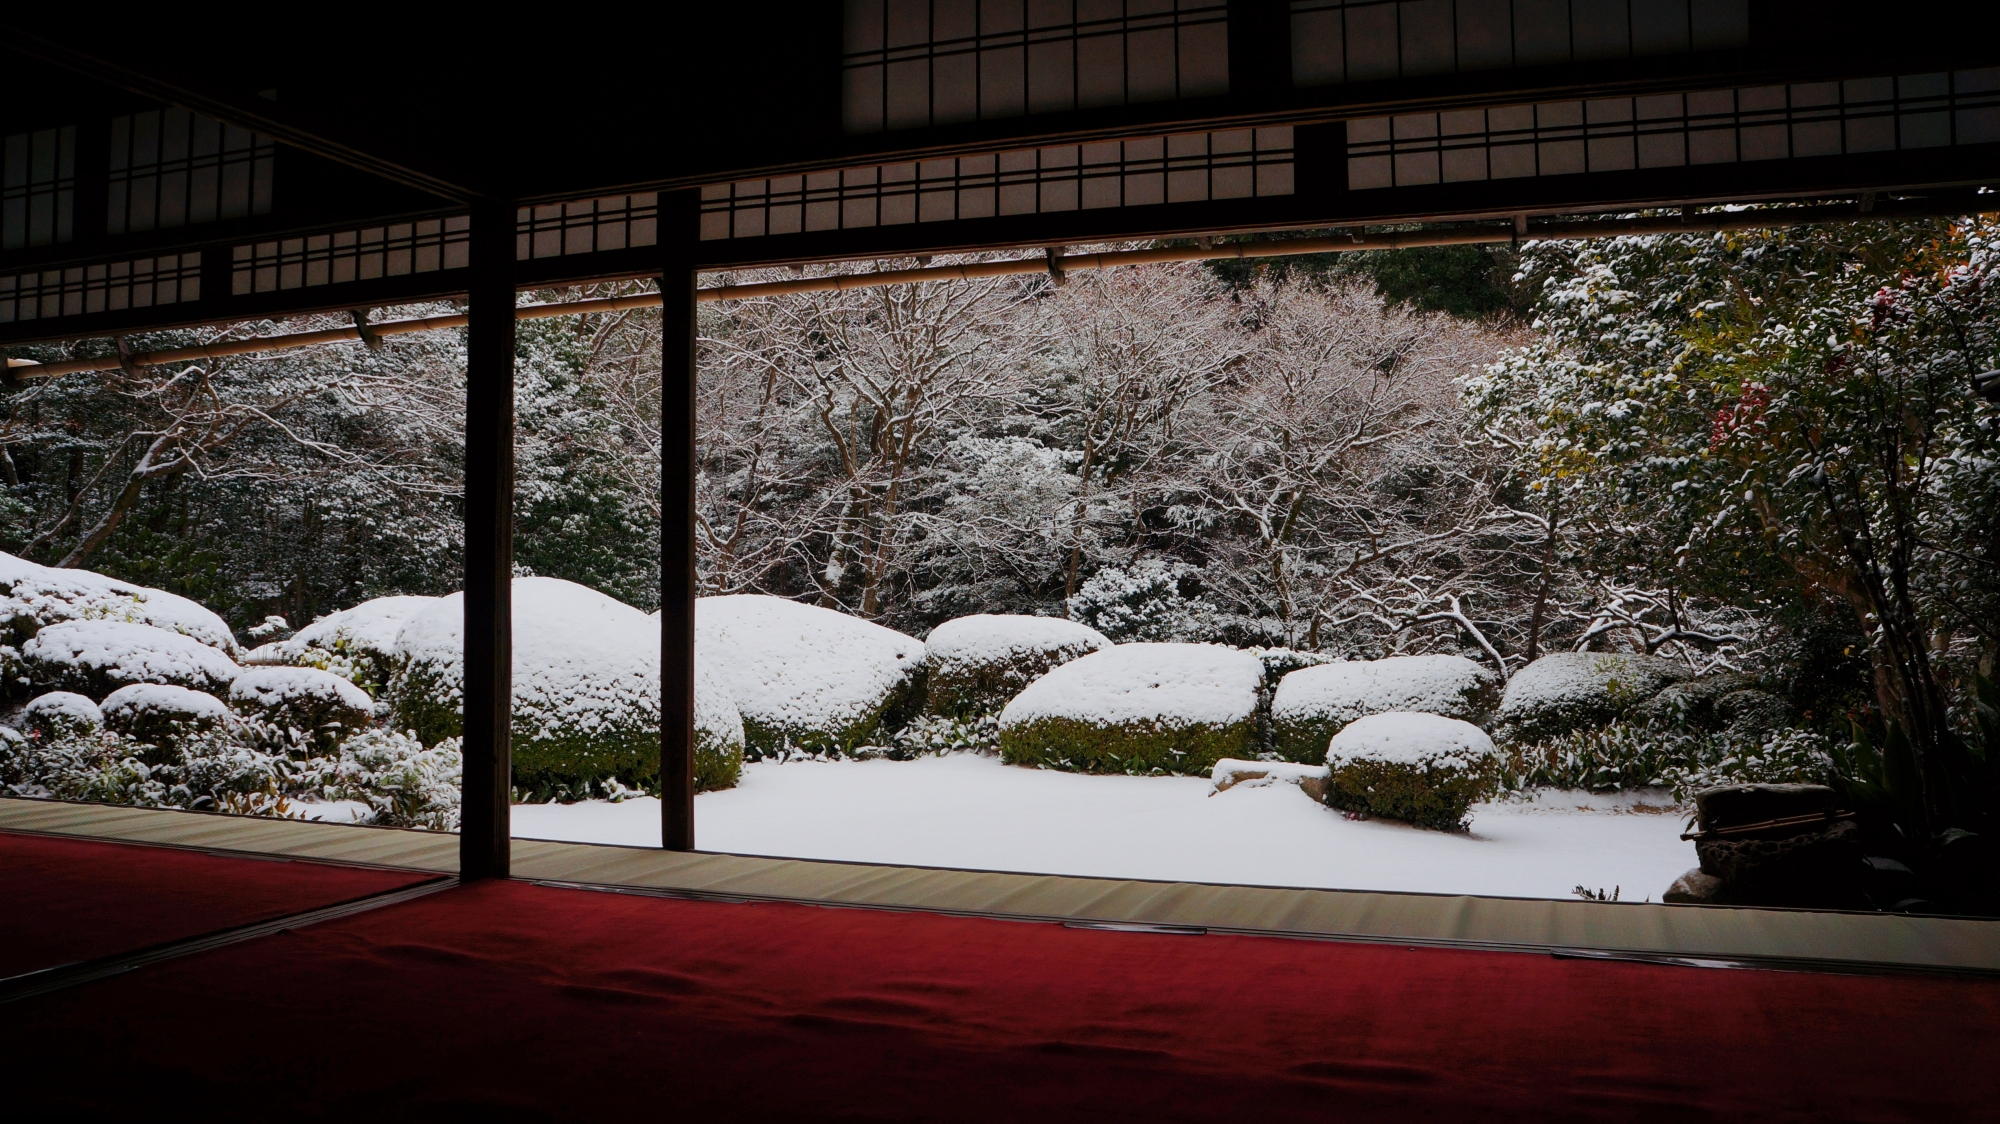 詩仙堂の赤い絨毯が演出する白い雪